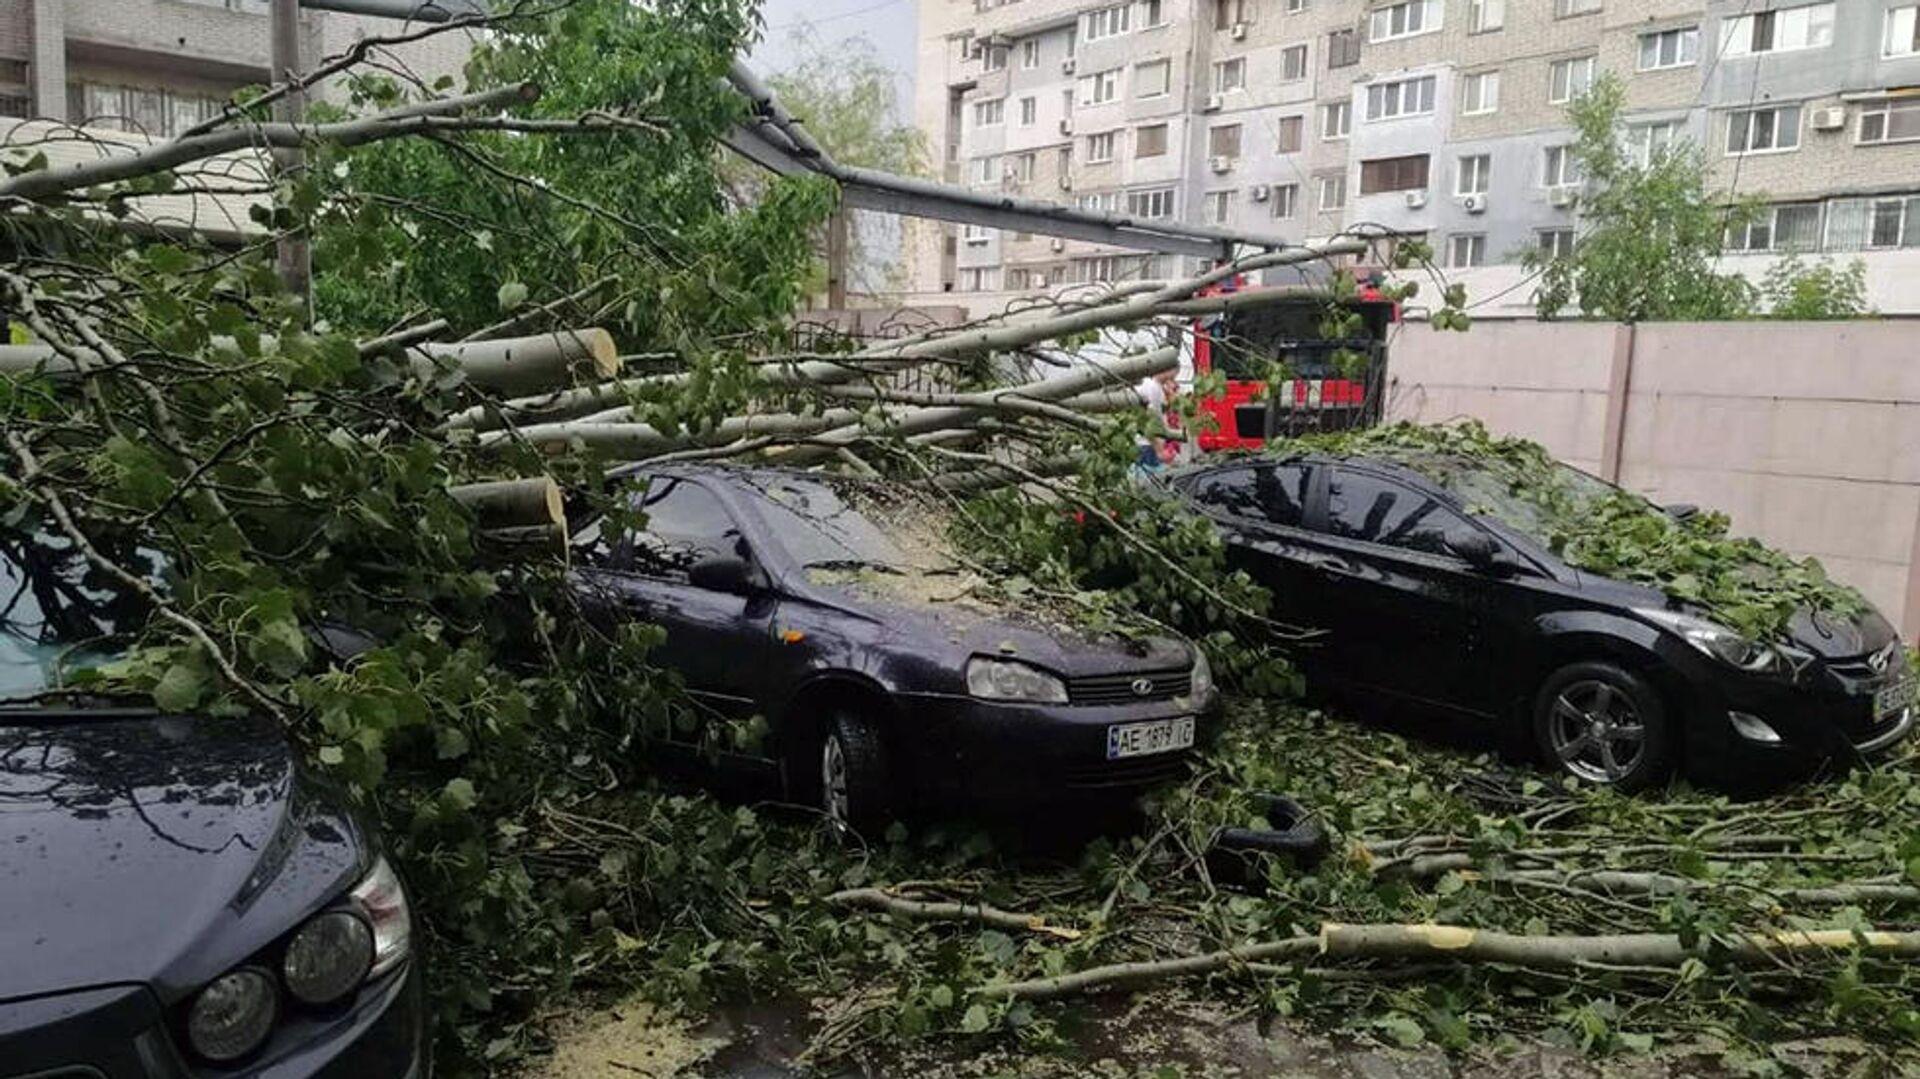 Последствия сильного ветра с дождем в Днепре, Украина - РИА Новости, 1920, 11.12.2020